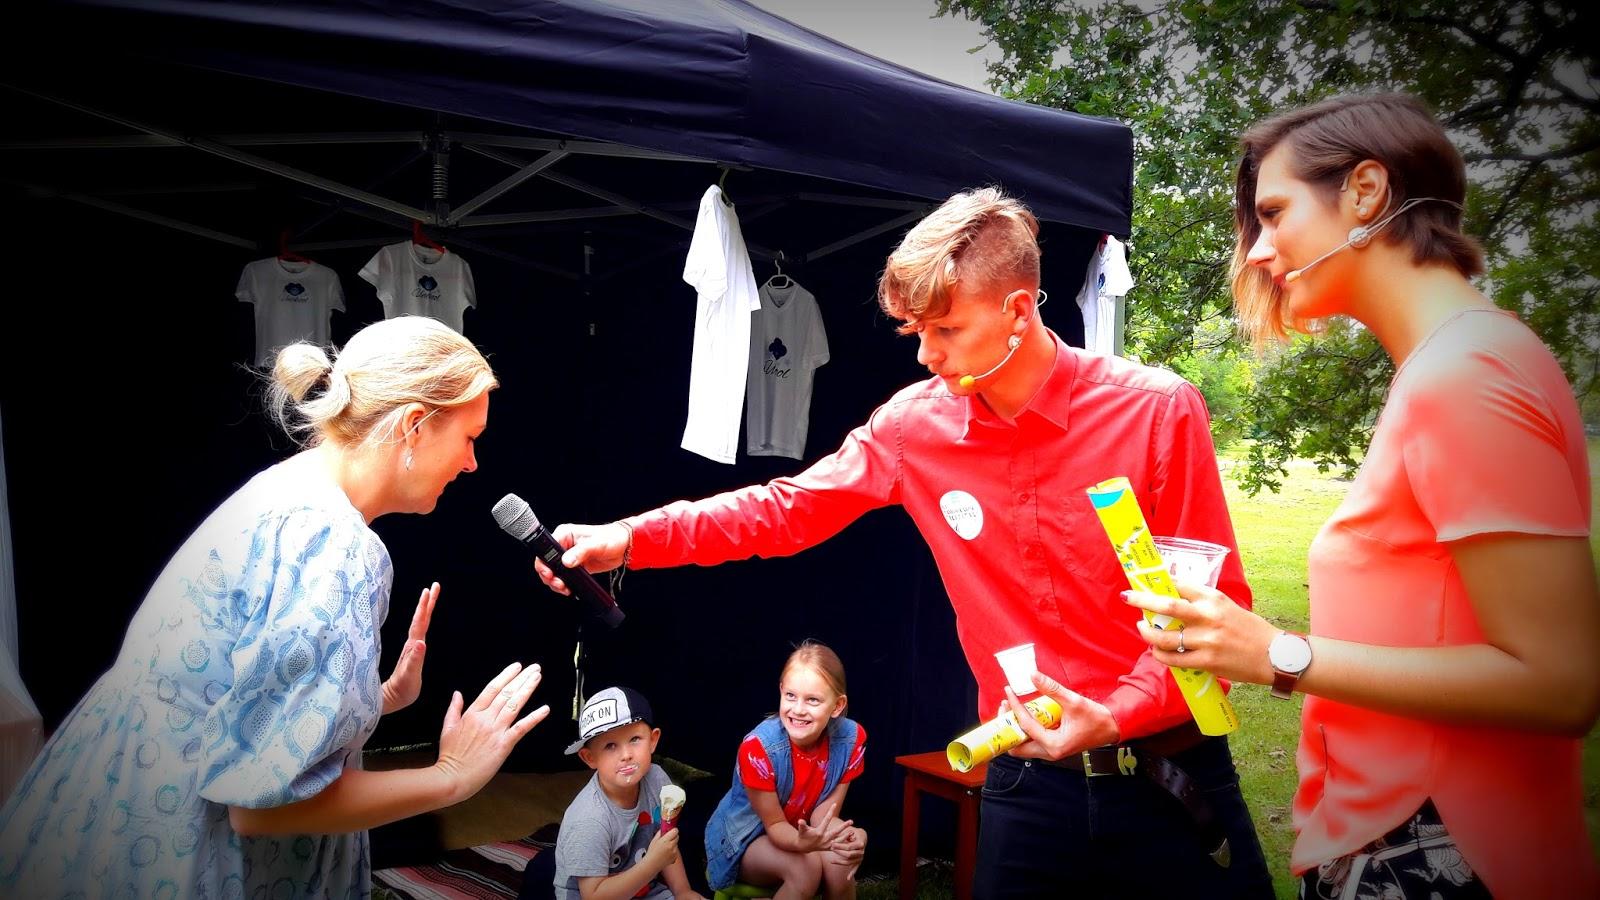 53e690cd974 Unekool käis laupäeval 23. juulil 2016 Pärnus Rõõmsate Laste Festivalil.  Oli üks uskumatult tore päev, kus tutvustasime Unekooli tegemisi.